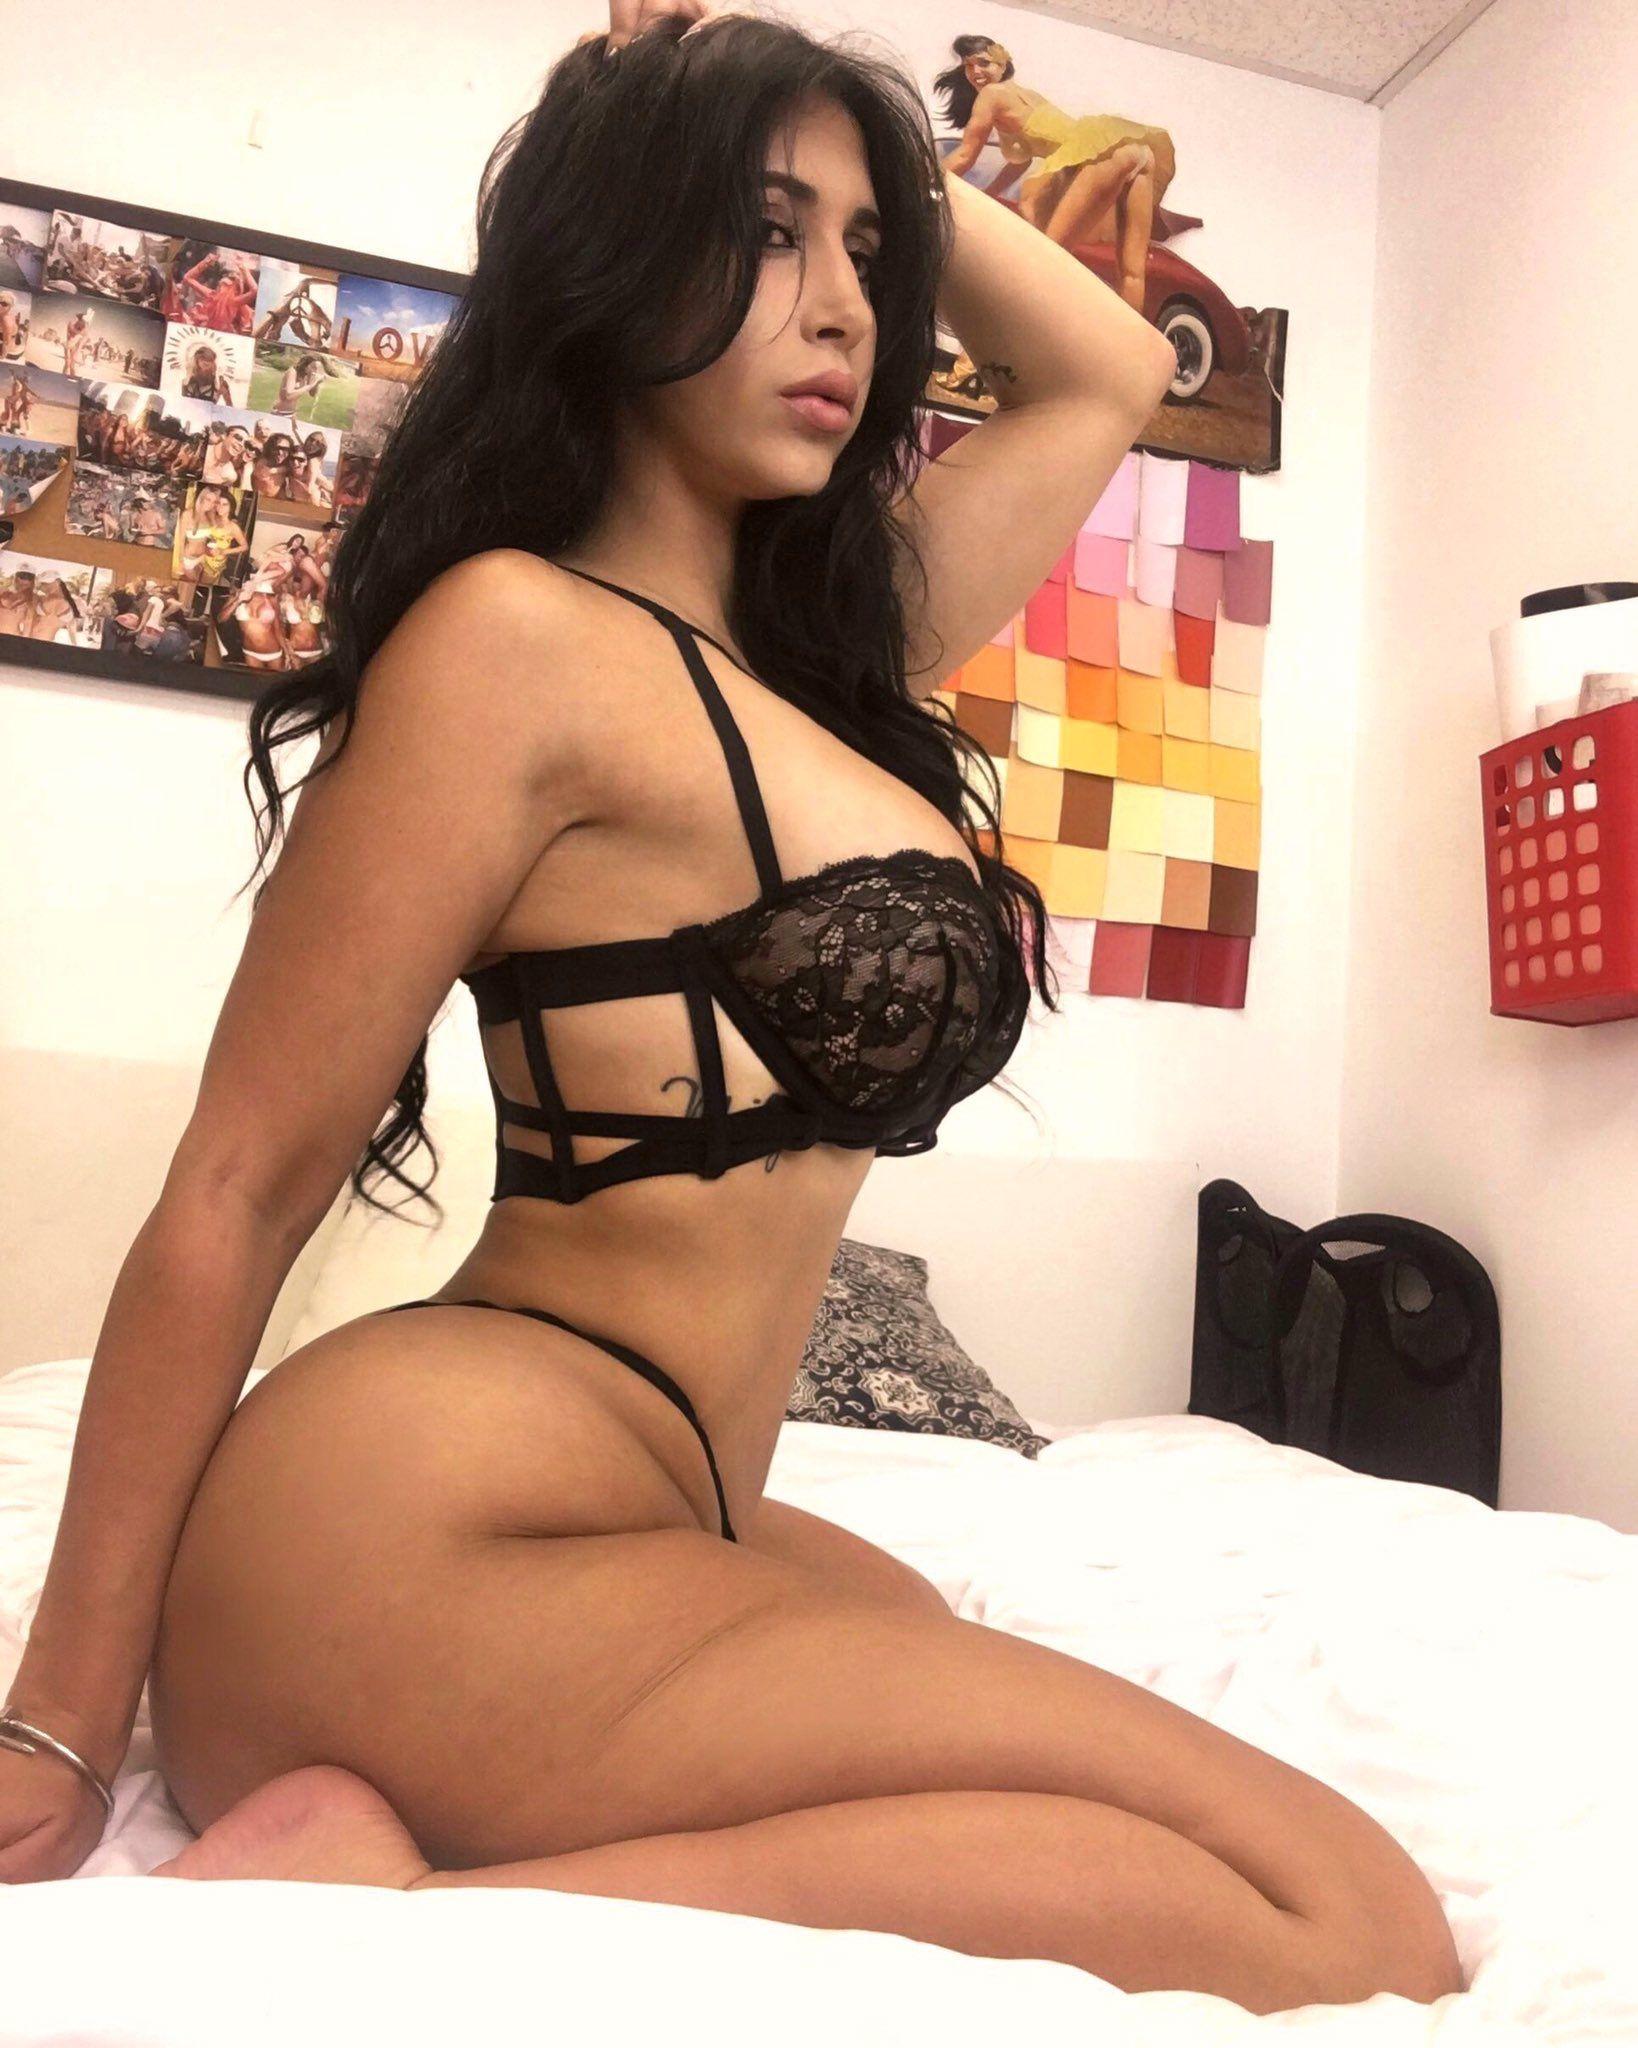 Valerie kai